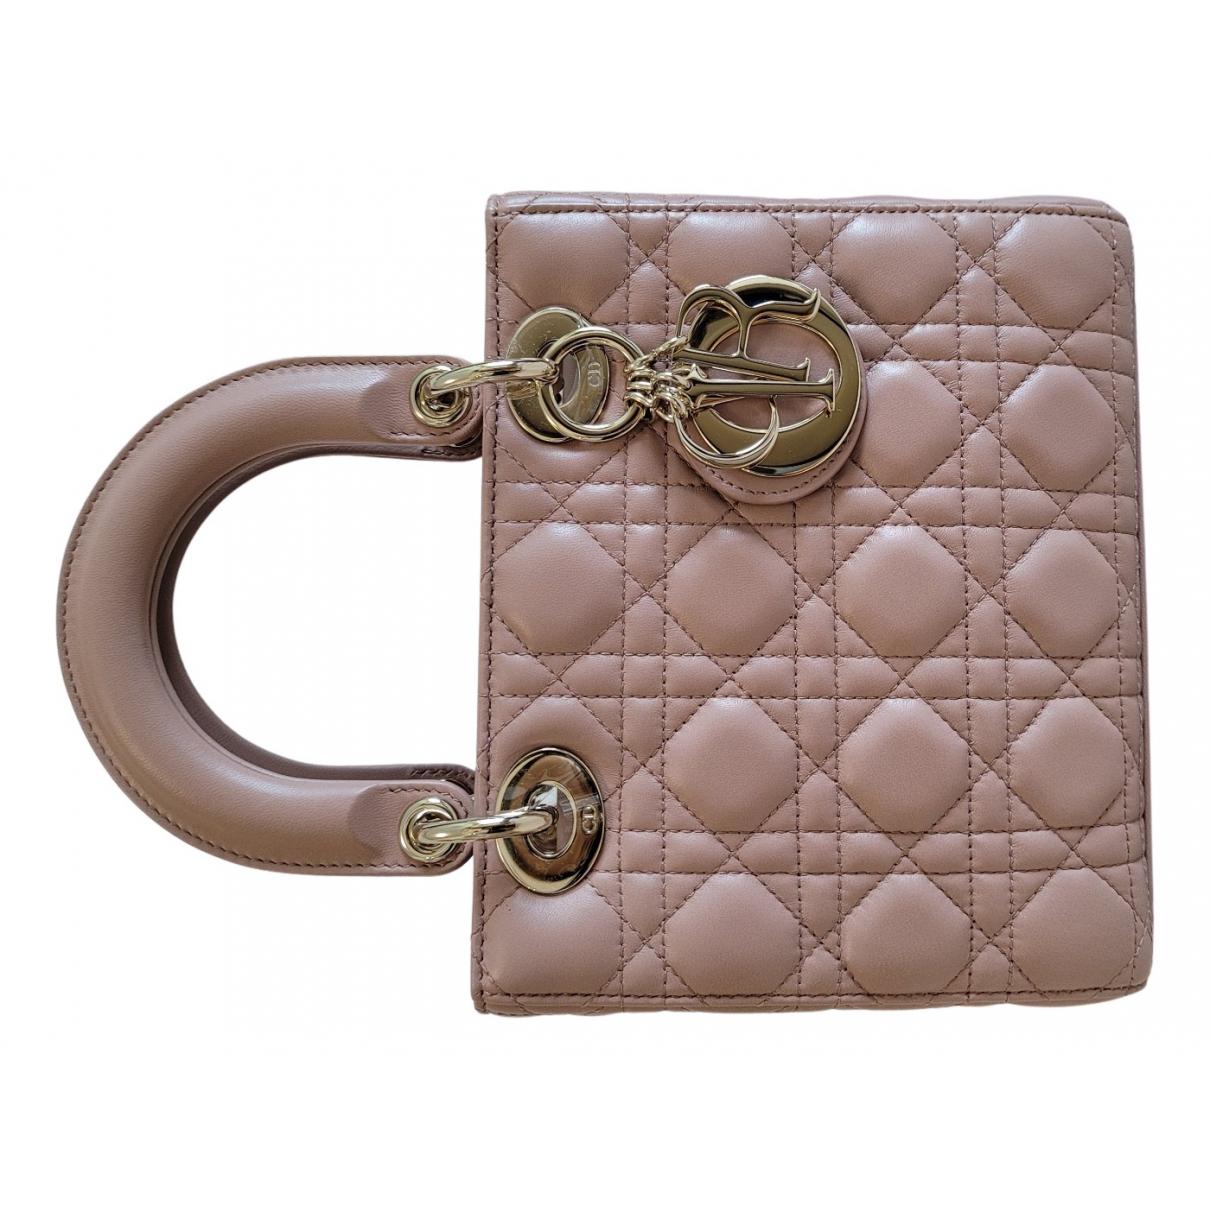 Dior - Sac a main Lady Dior pour femme en cuir - rose